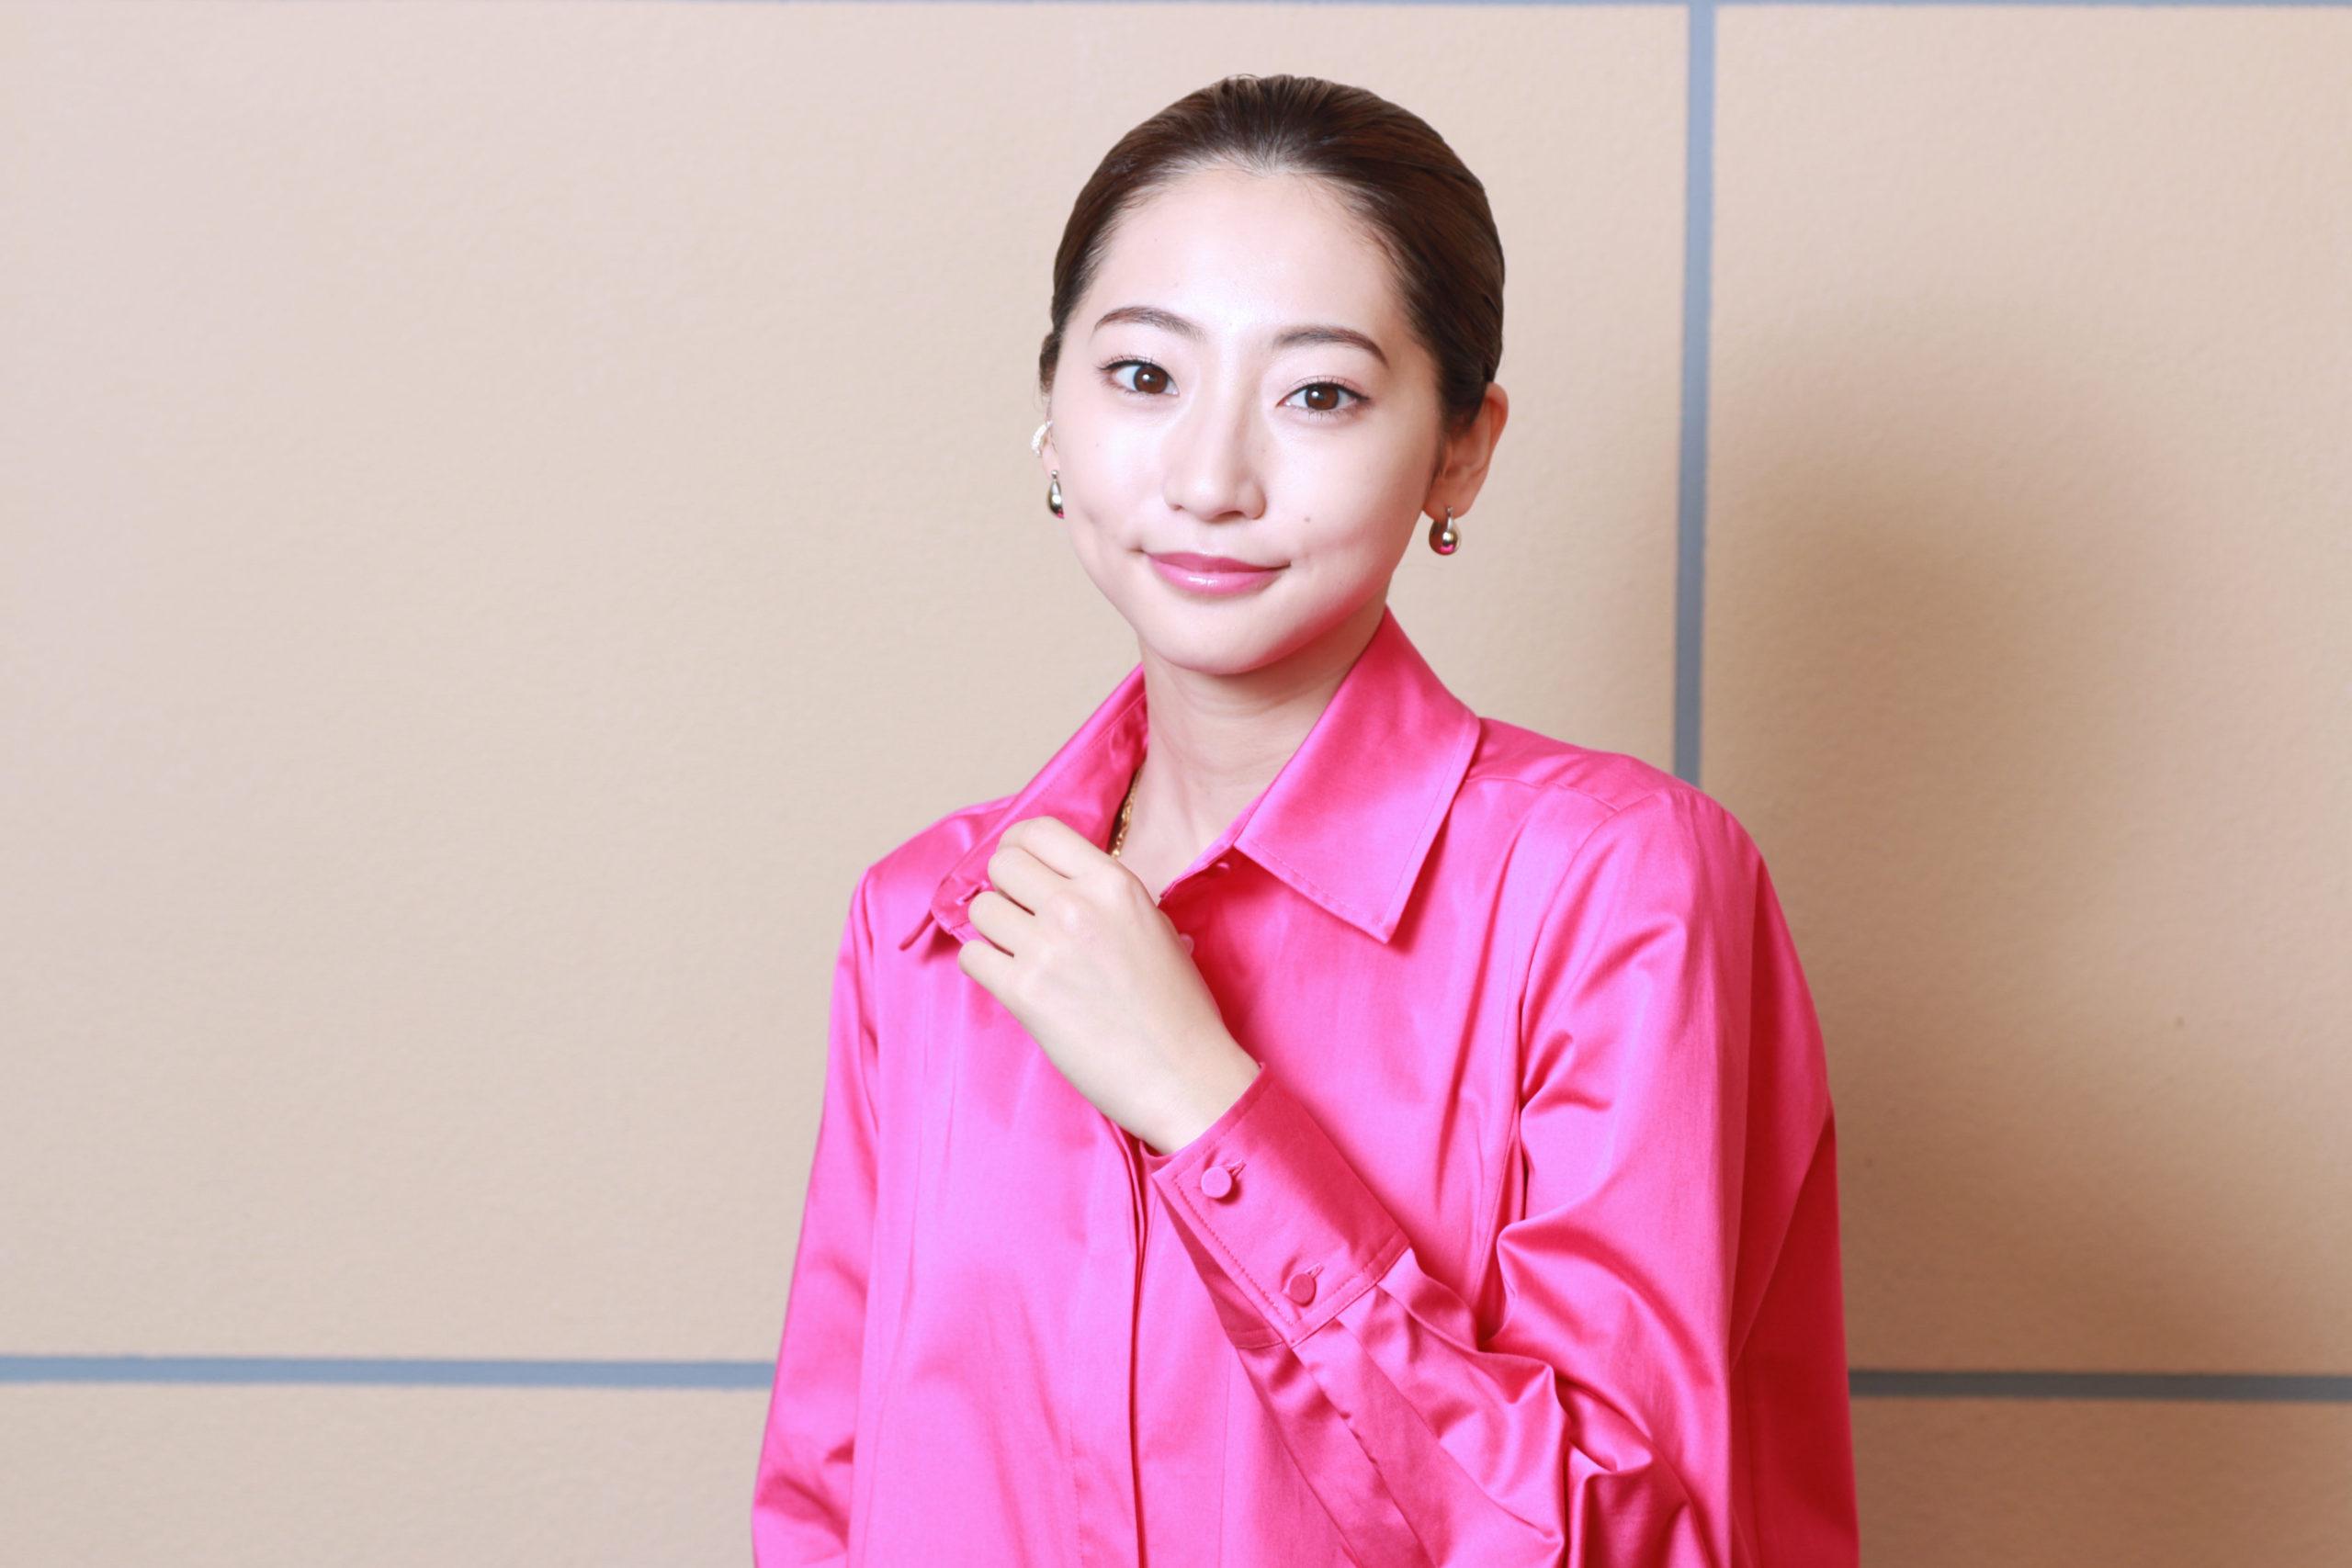 武田玲奈(たけだ れな)/ACTRESS(女優)、MODEL(モデル)